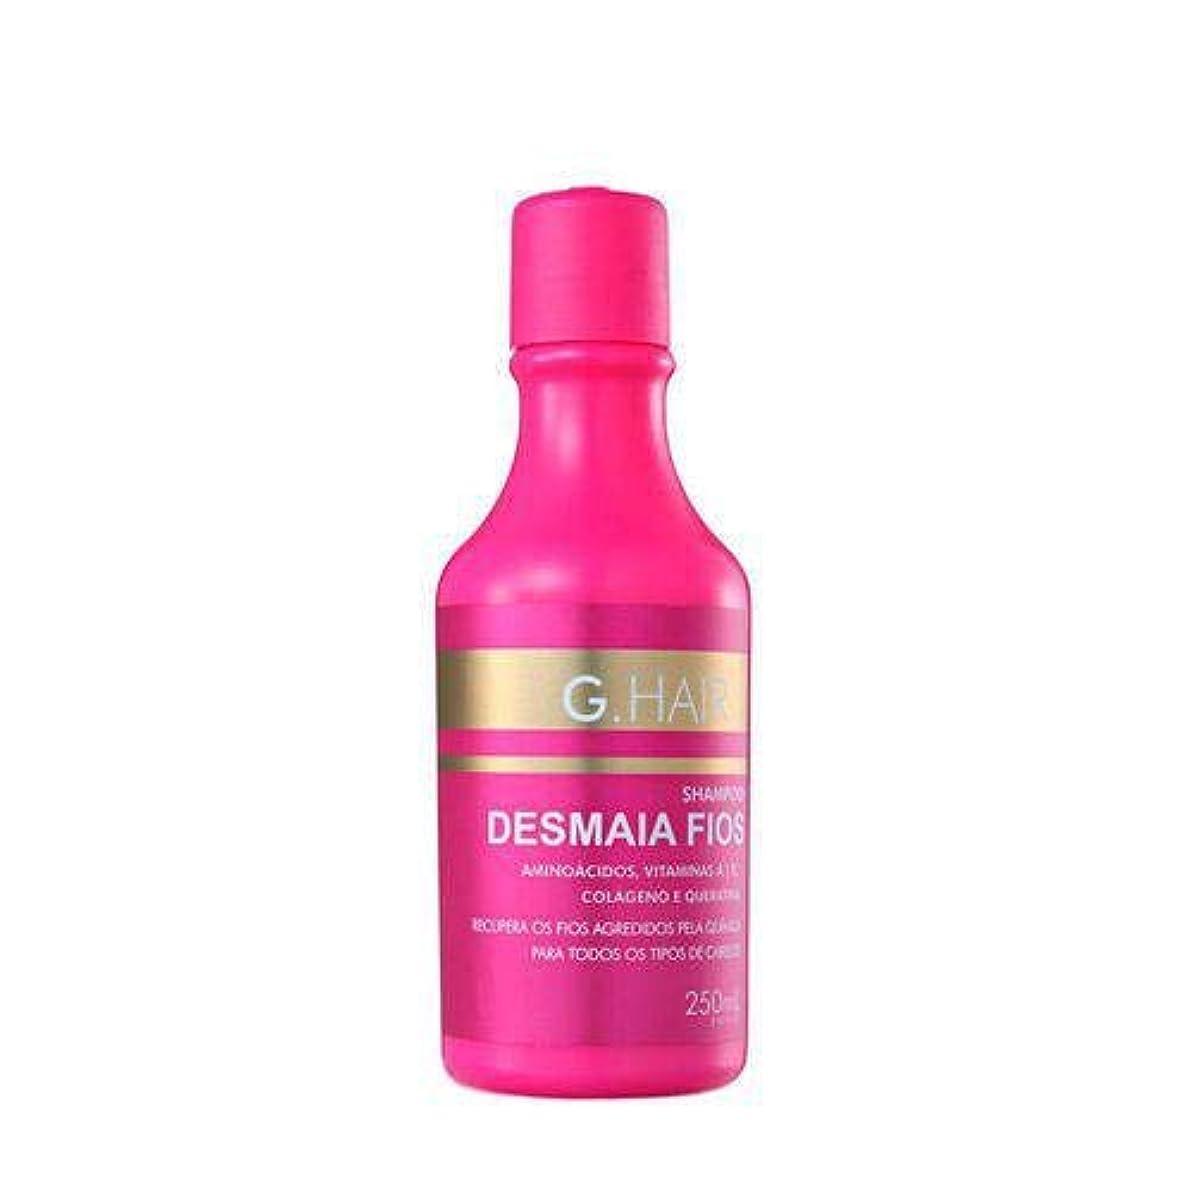 魅力的であることへのアピール改善曇ったBrazilian Desmaia Fios - 塩なしシャンプー250ml